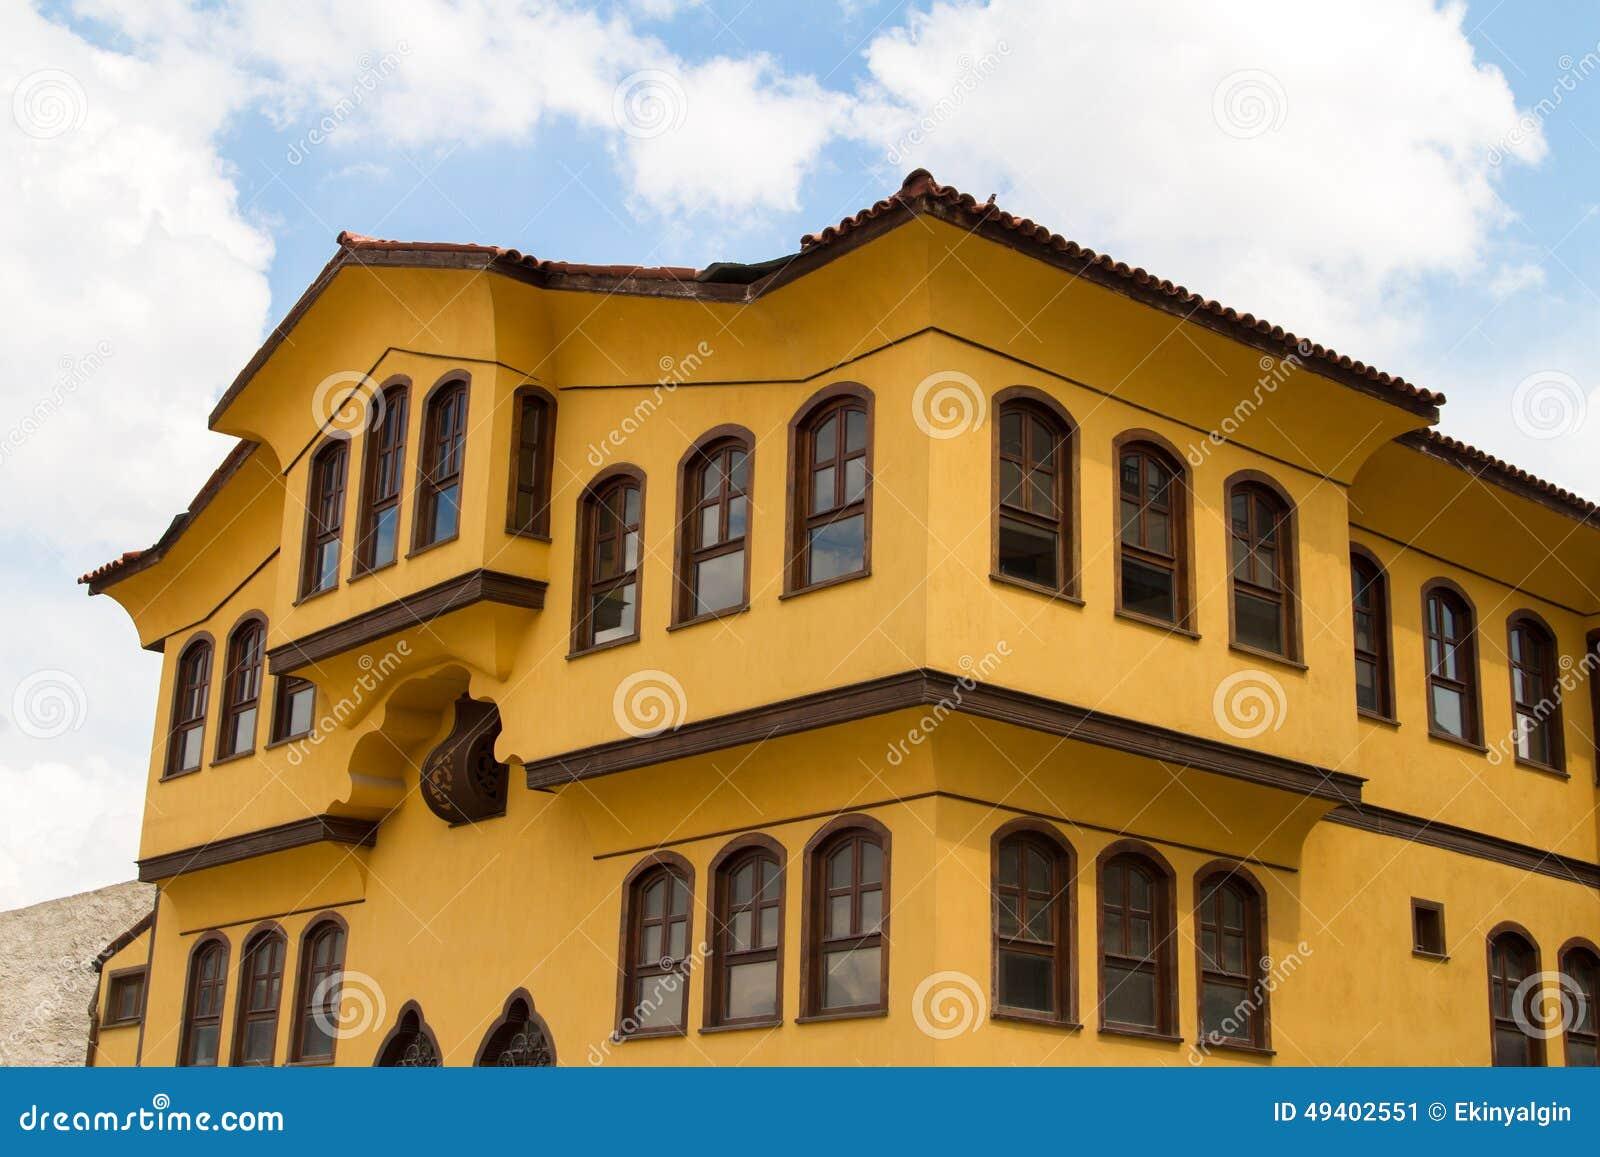 Download Historisches Gebäude In Odunpazari Eskisehir Stockbild - Bild von aufbau, groß: 49402551